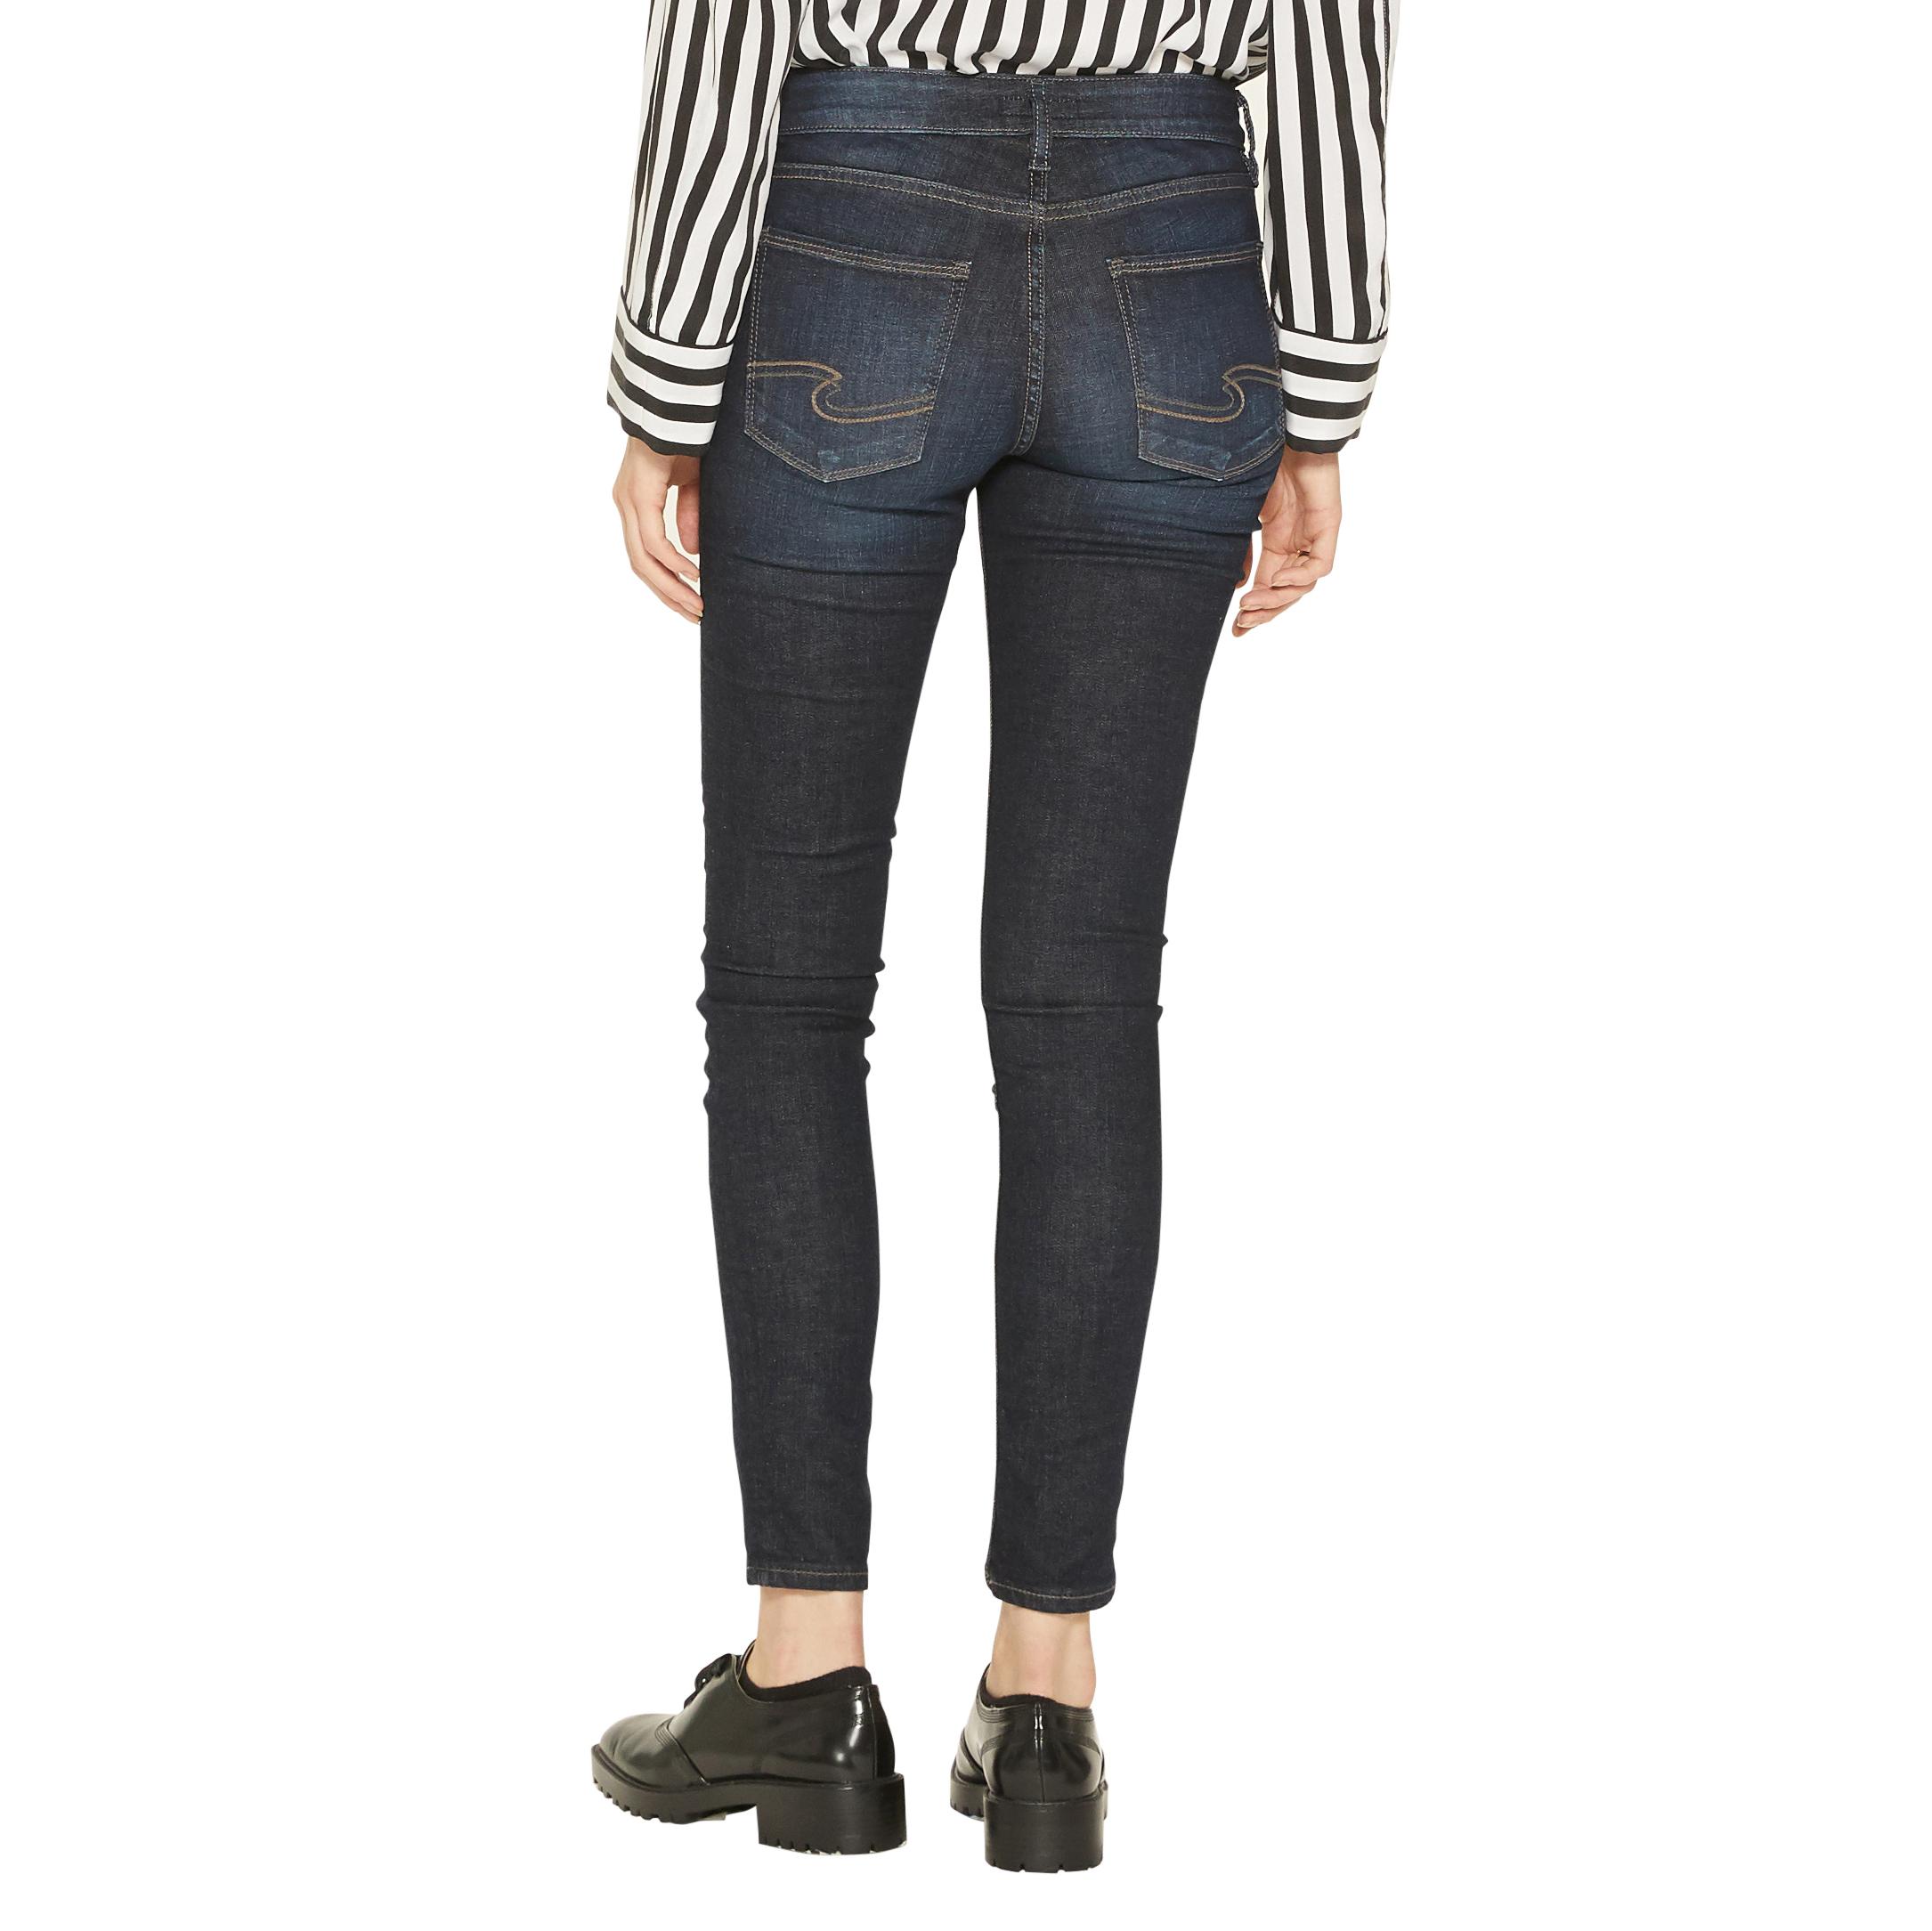 78c61310c2d Women s Jeans